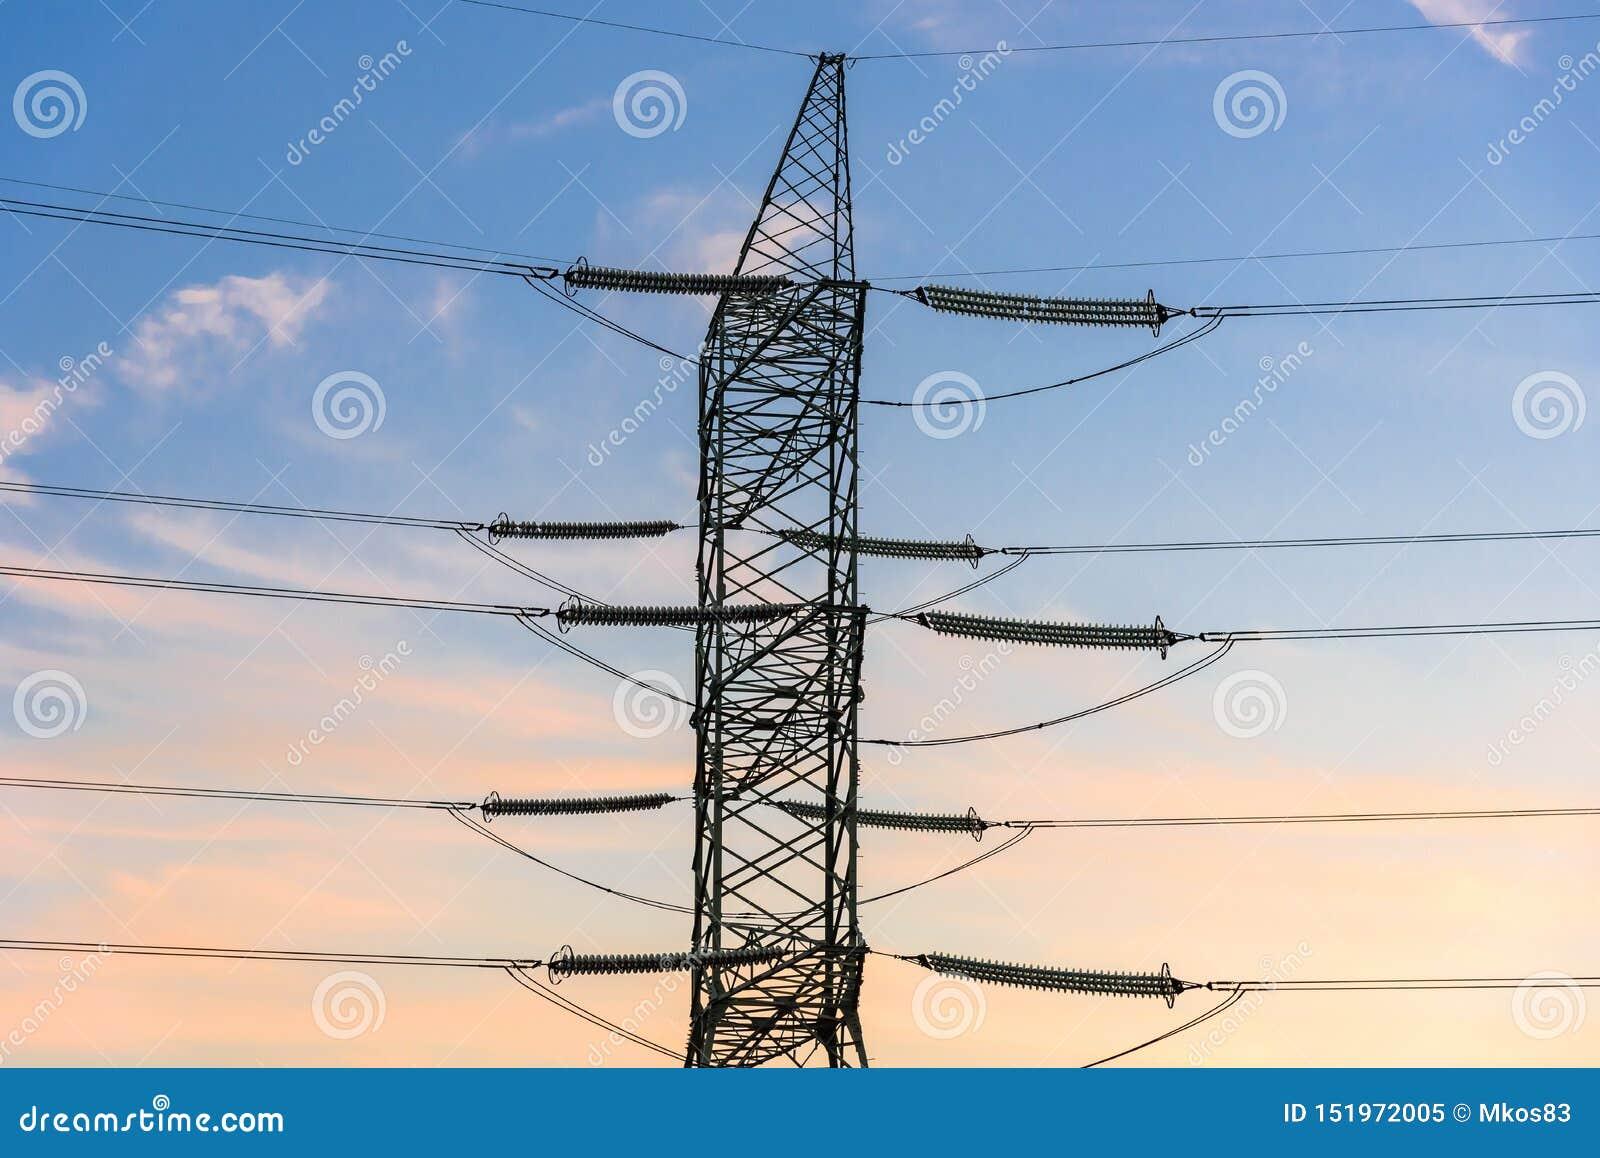 Close-up van elektriciteitspyloon en lijnen bij zonsondergang